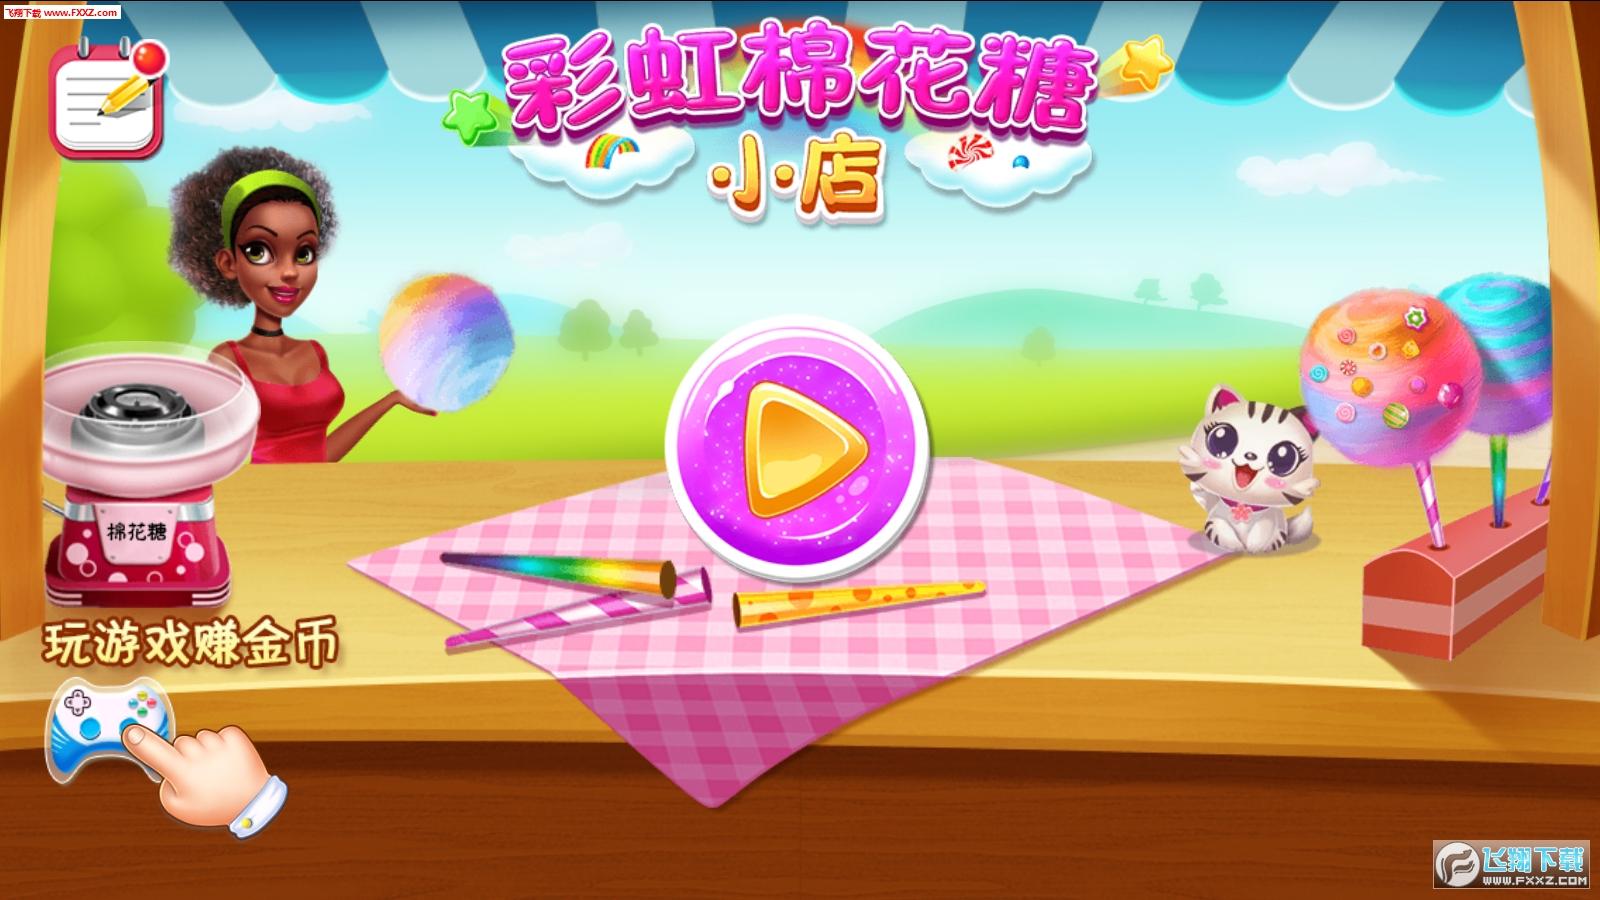 彩虹棉花糖小店免费手游1.0.5截图0